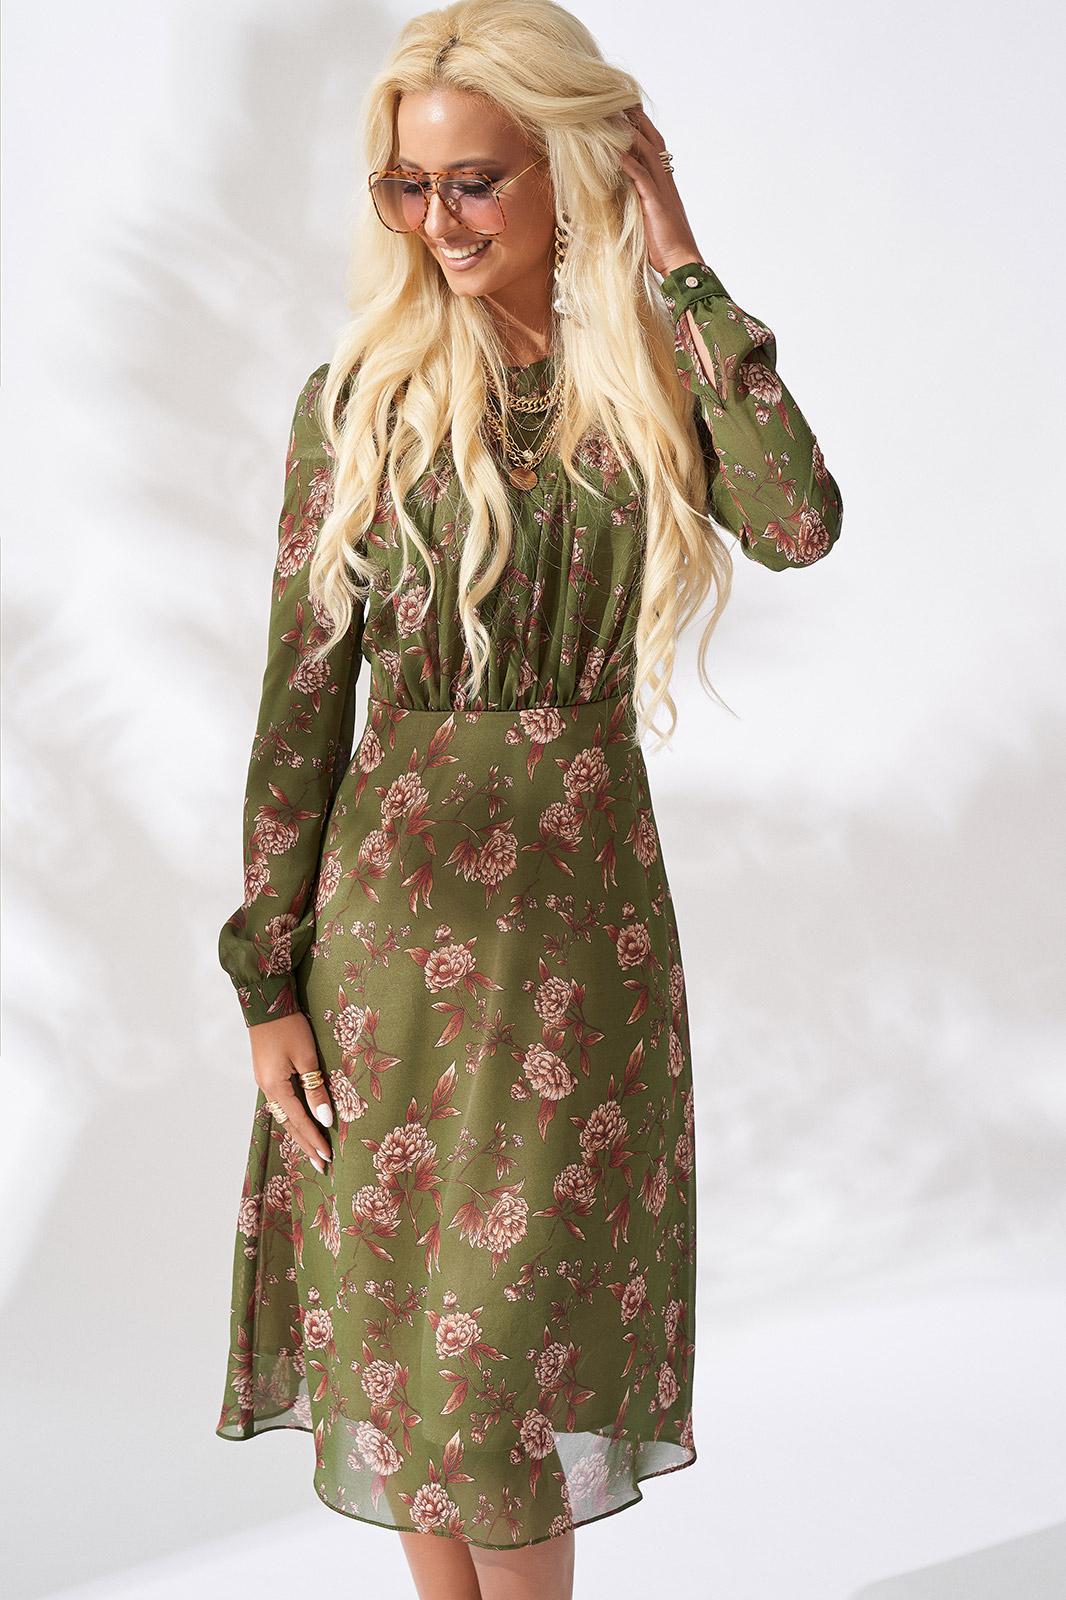 Модная женская одежда оптом и в розницу из Беларуси   Интернет ... c146d57a50c